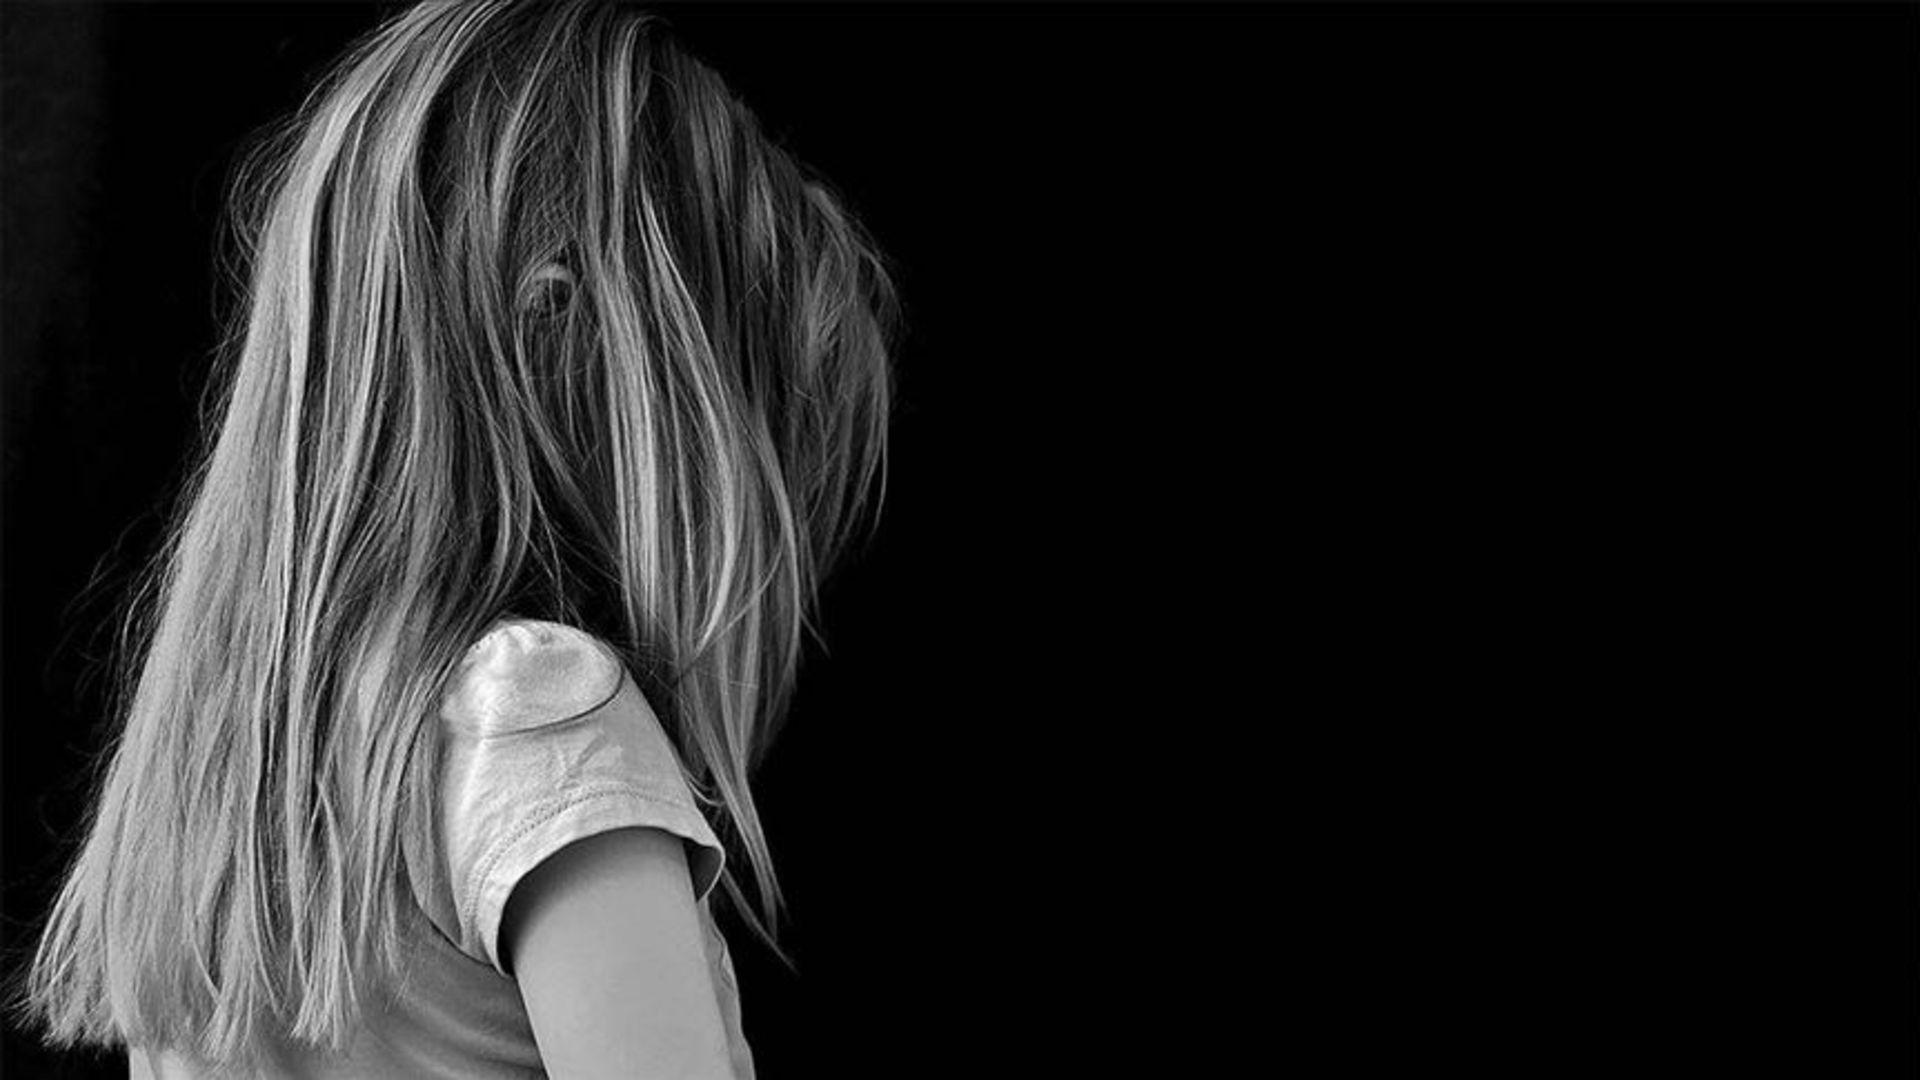 SON DAKİKA: Dünyada çocuk istismarı verileri! - Özel Haber